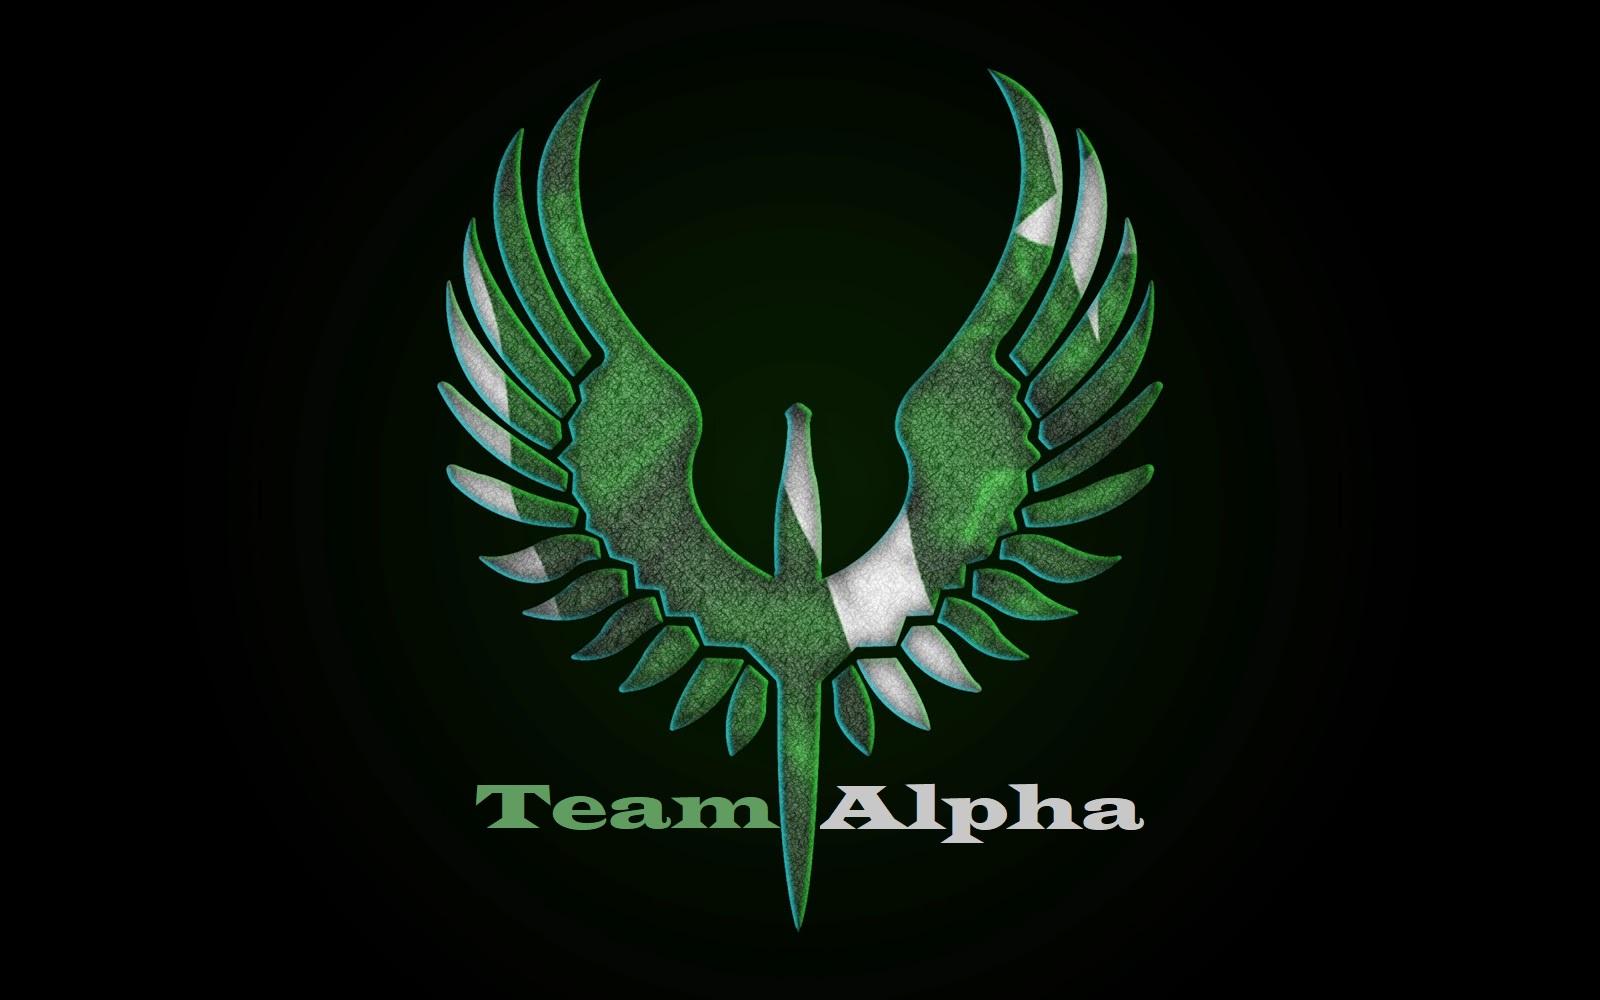 TeamAlpha